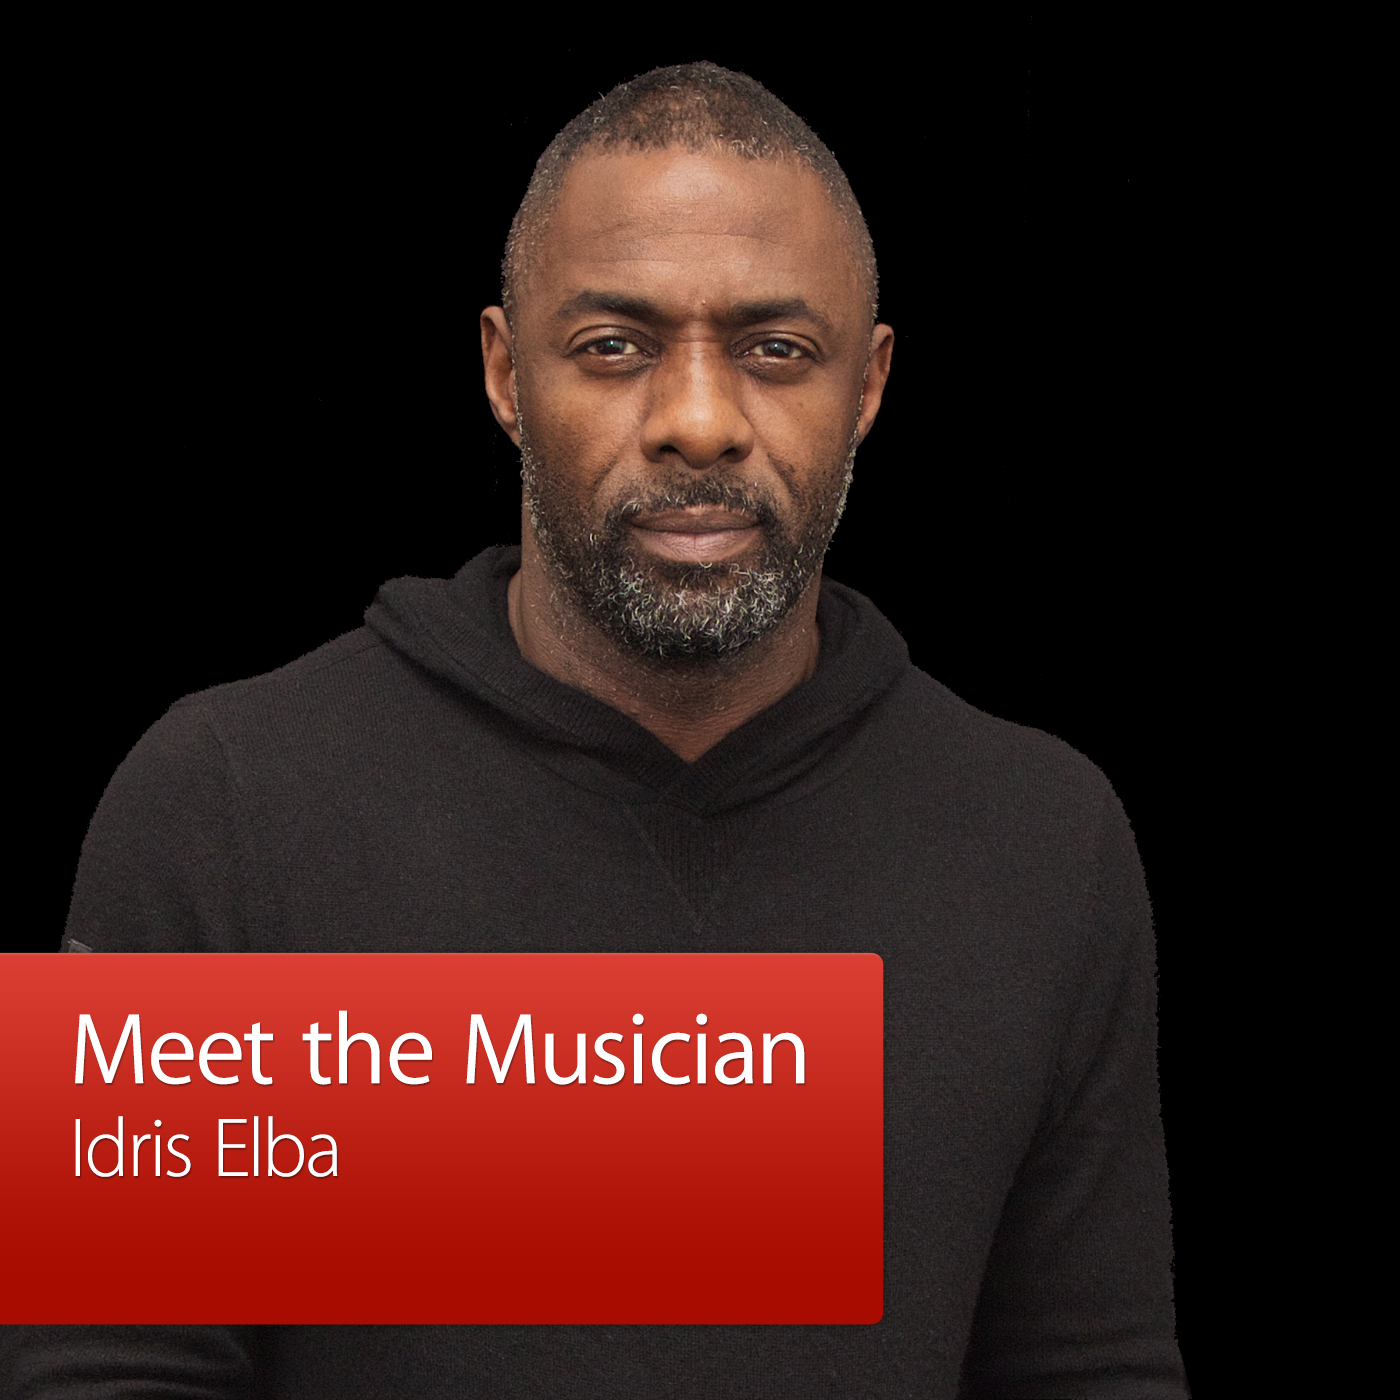 Idris Elba: Meet the Musician